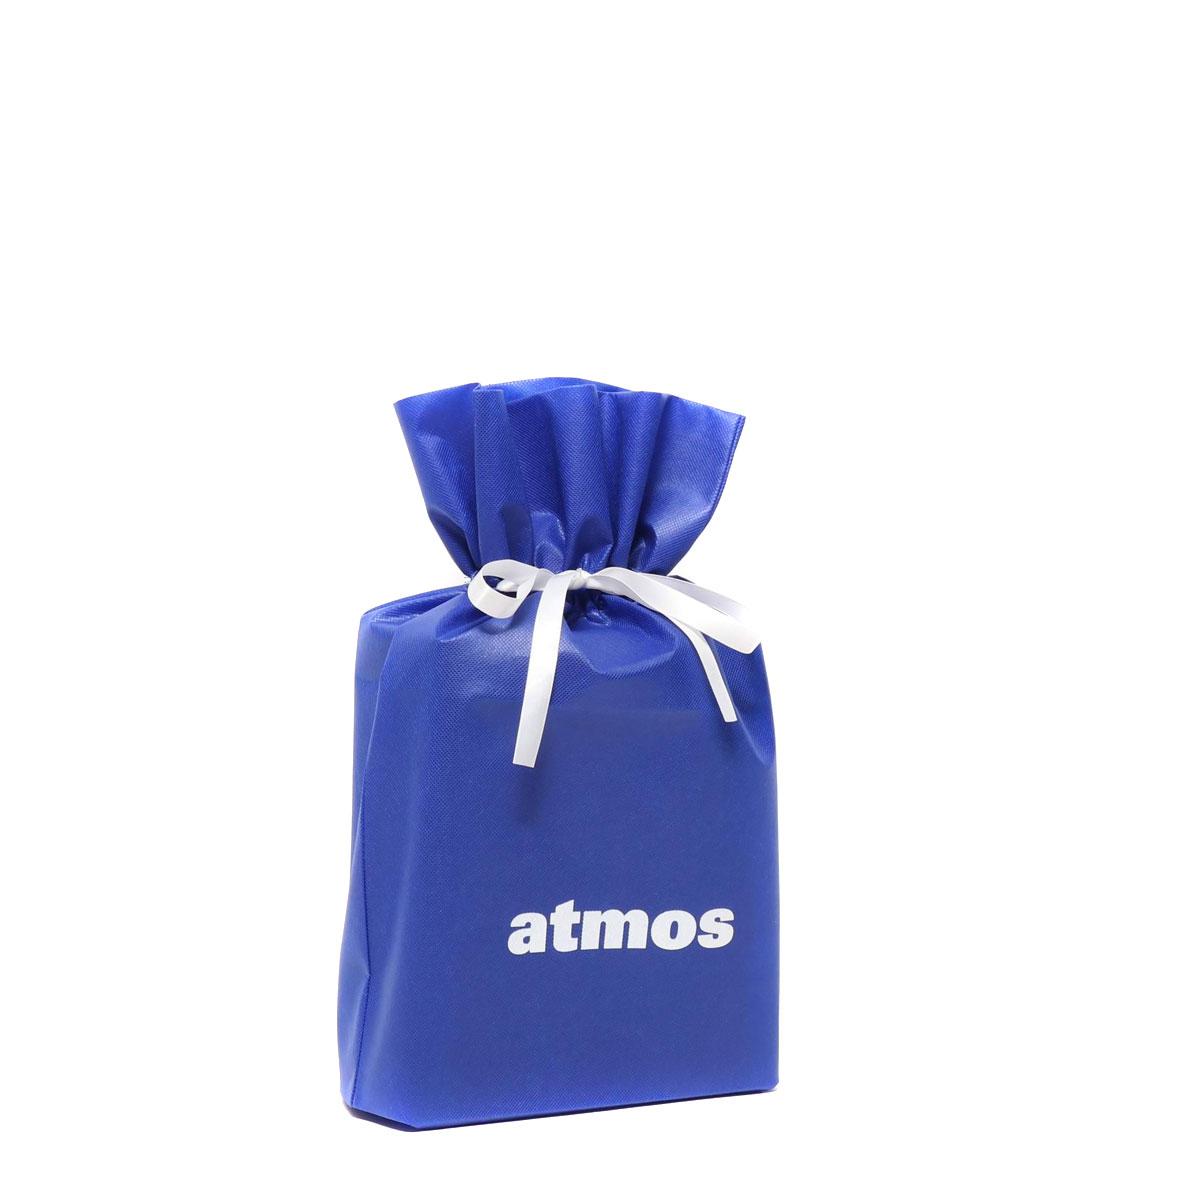 バッグ・小物・ブランド雑貨, その他 atmos Gift Wrapping Bag (M) ( M) BLUE